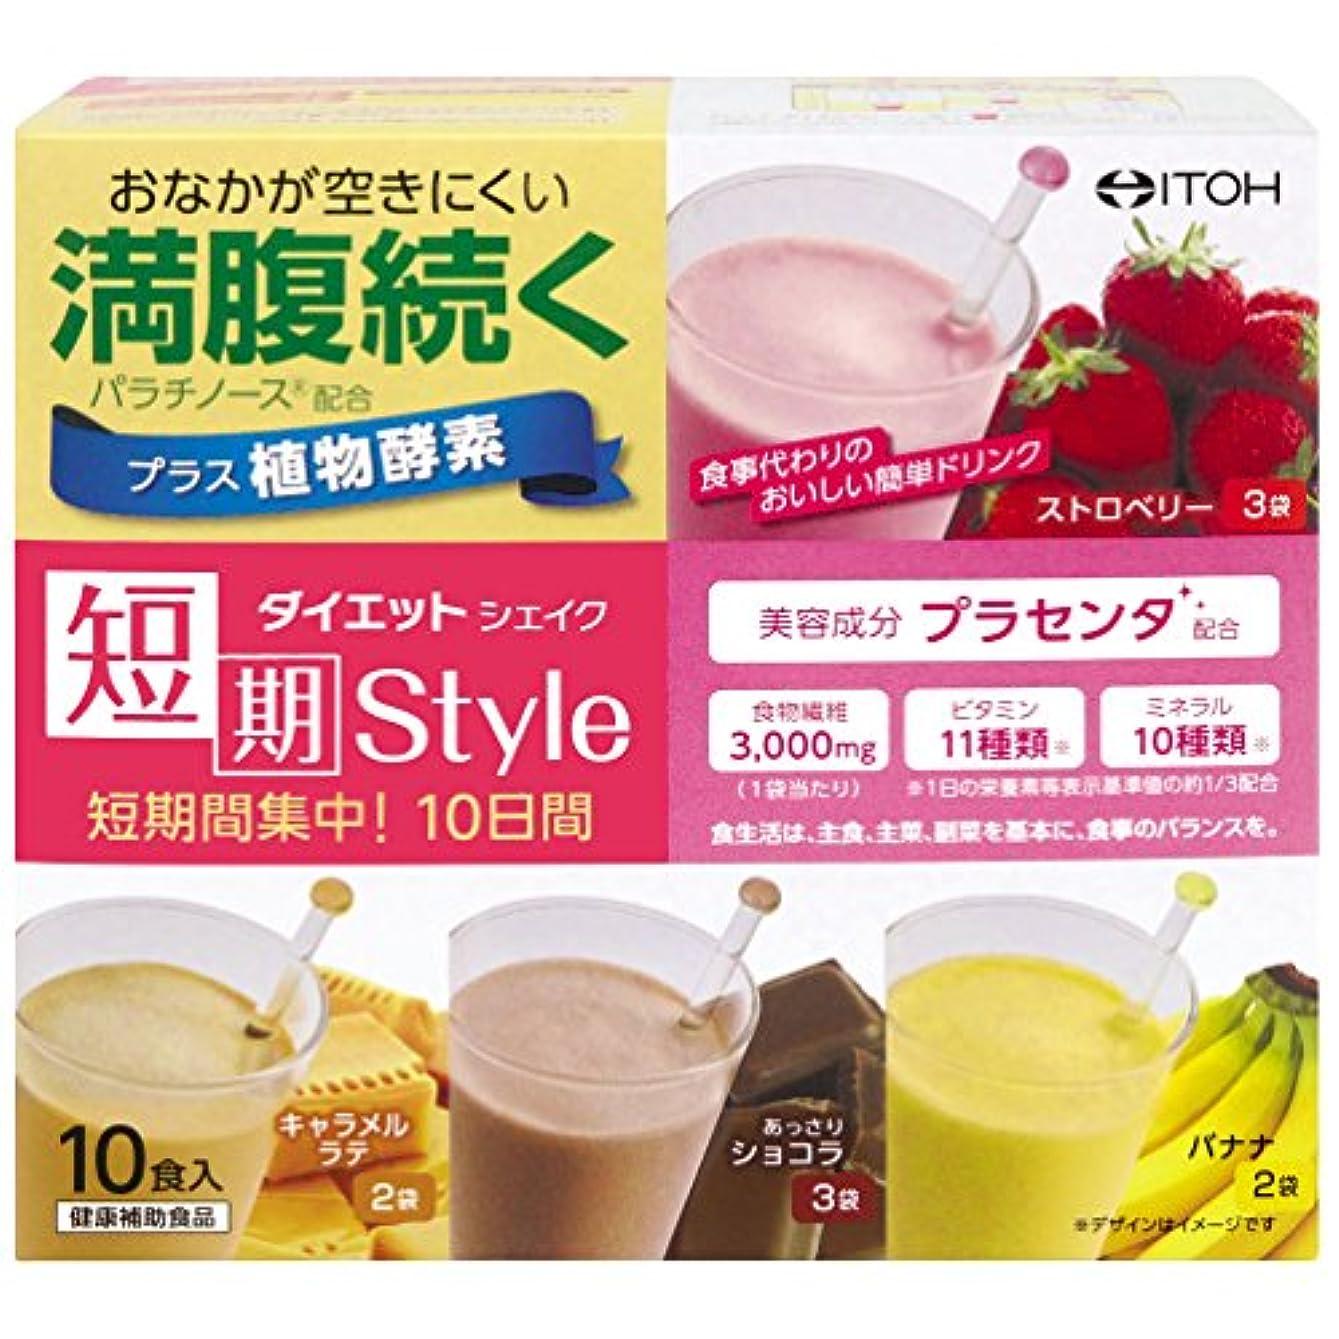 ボクシング本積極的に井藤漢方製薬 短期スタイル ダイエットシェイク 10食分 25gX10袋